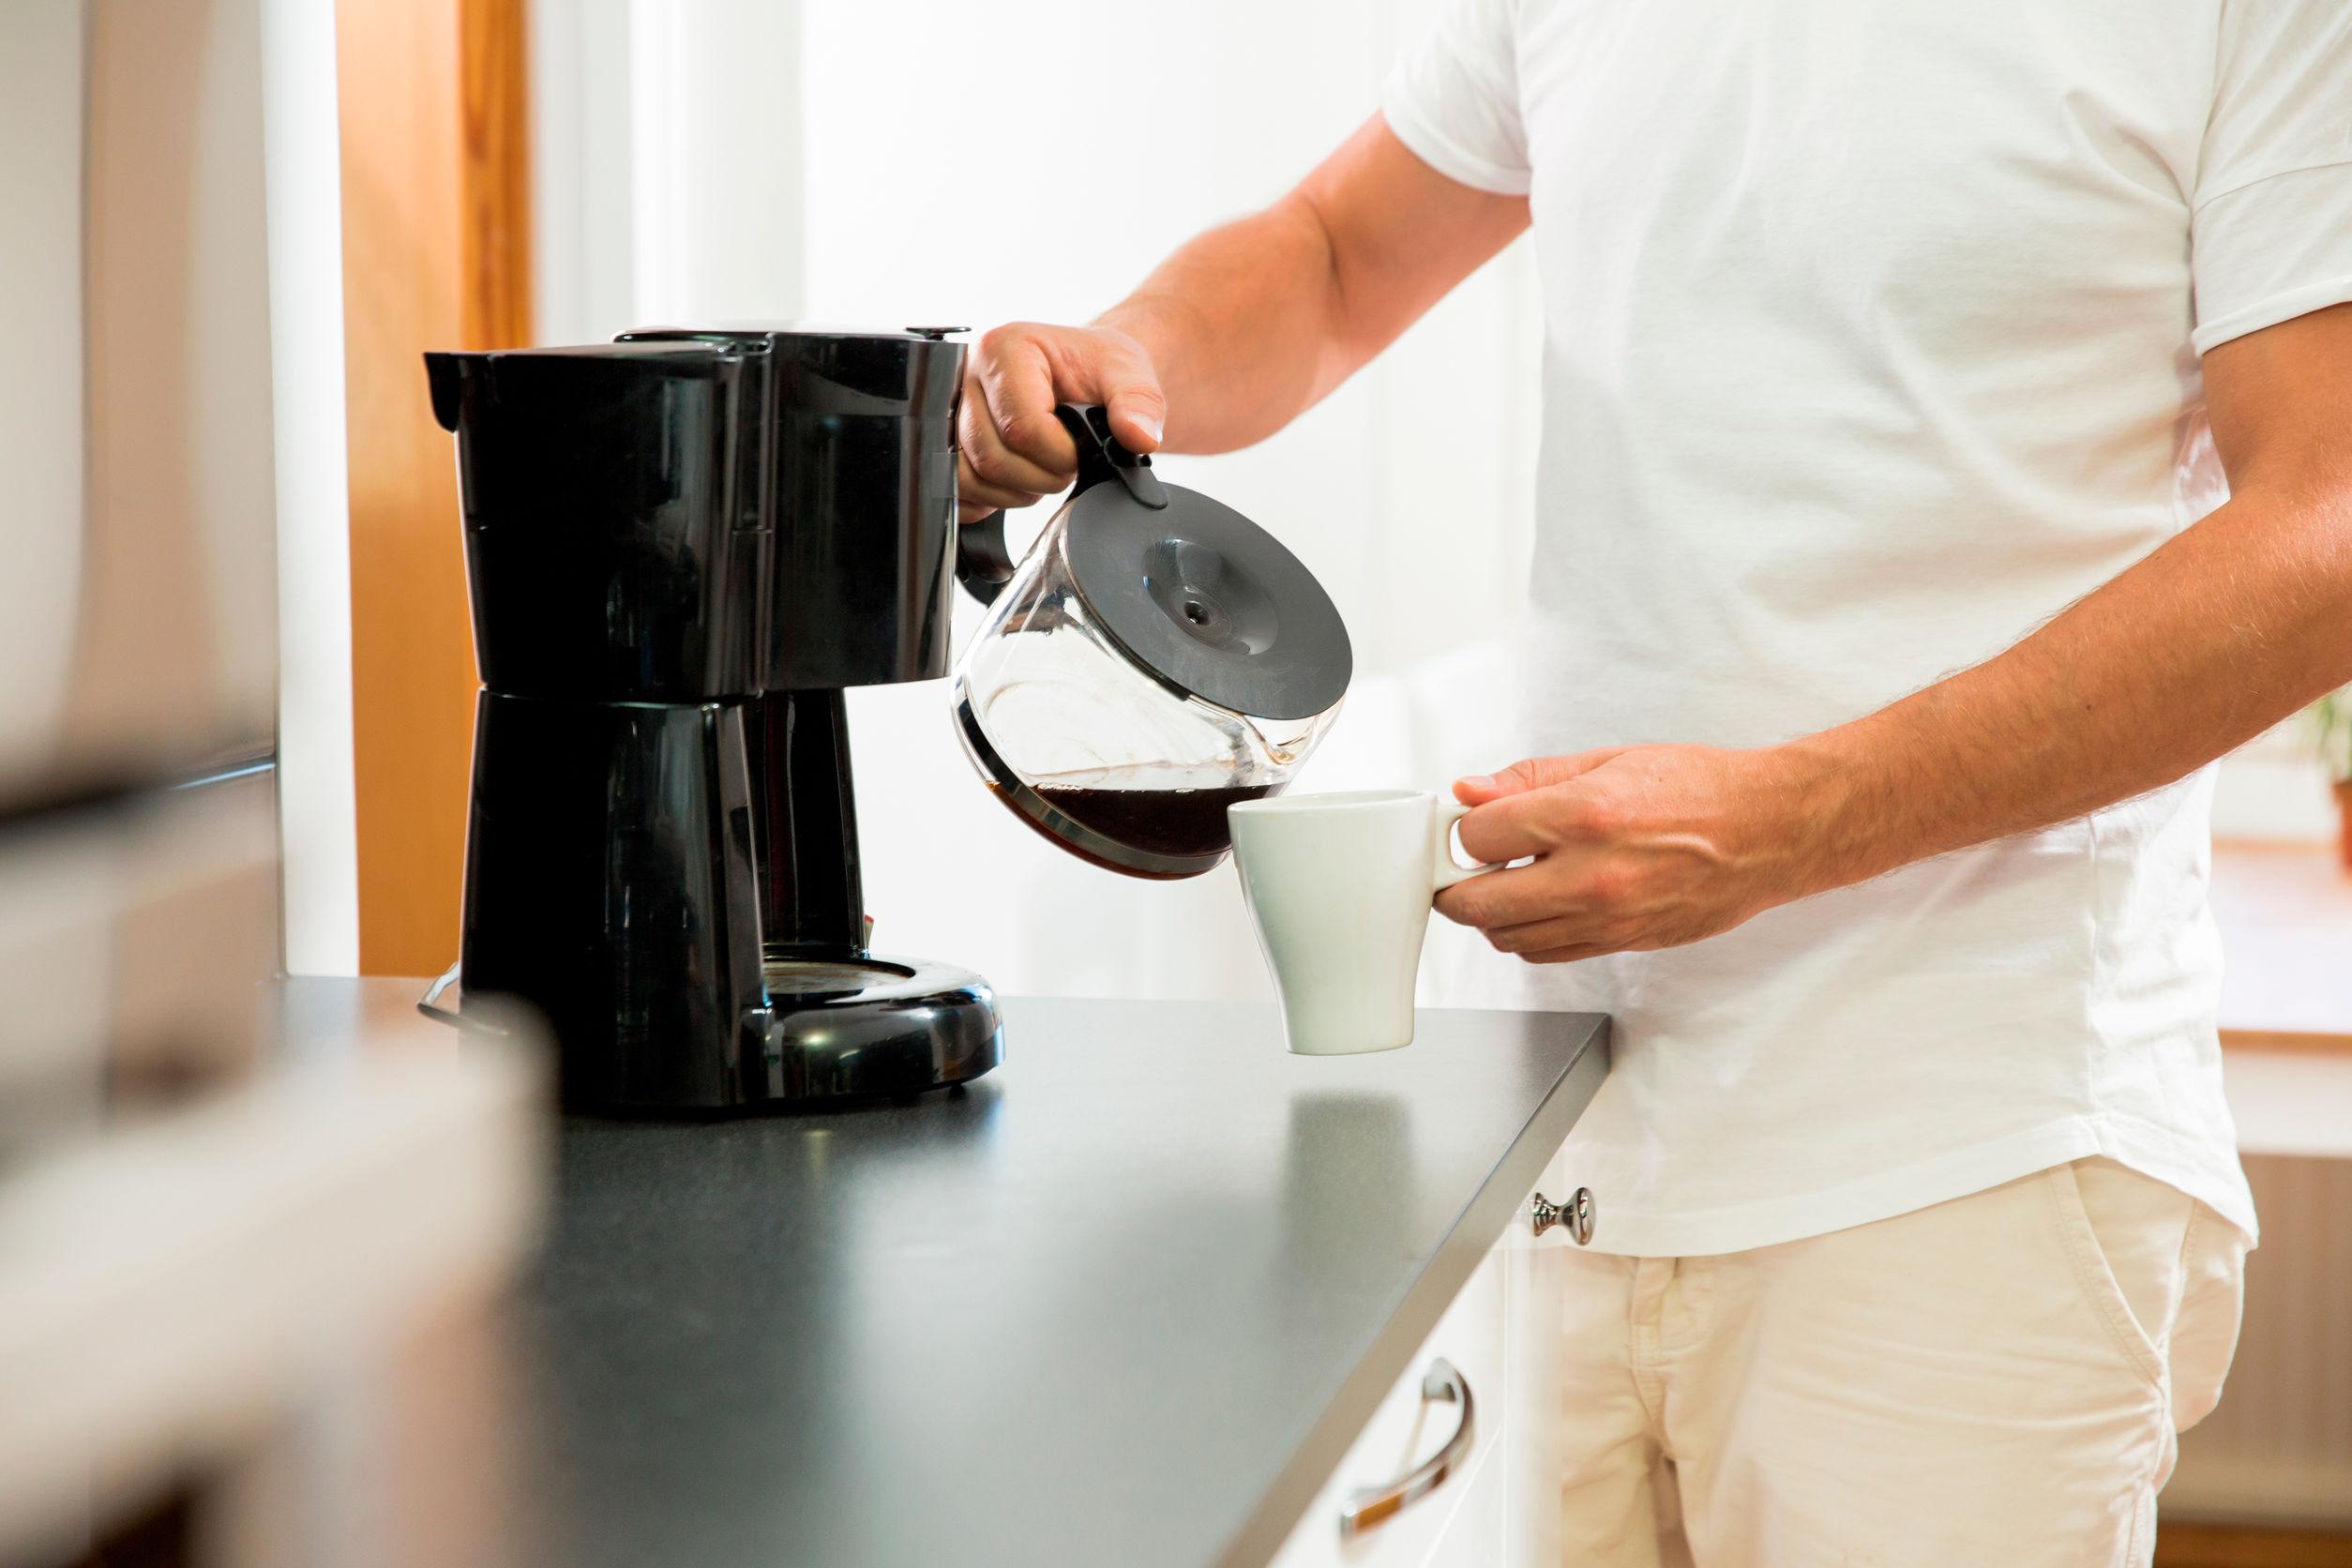 Hombre en la cocina vertiendo una taza de café caliente filtrado de una olla de vidrio